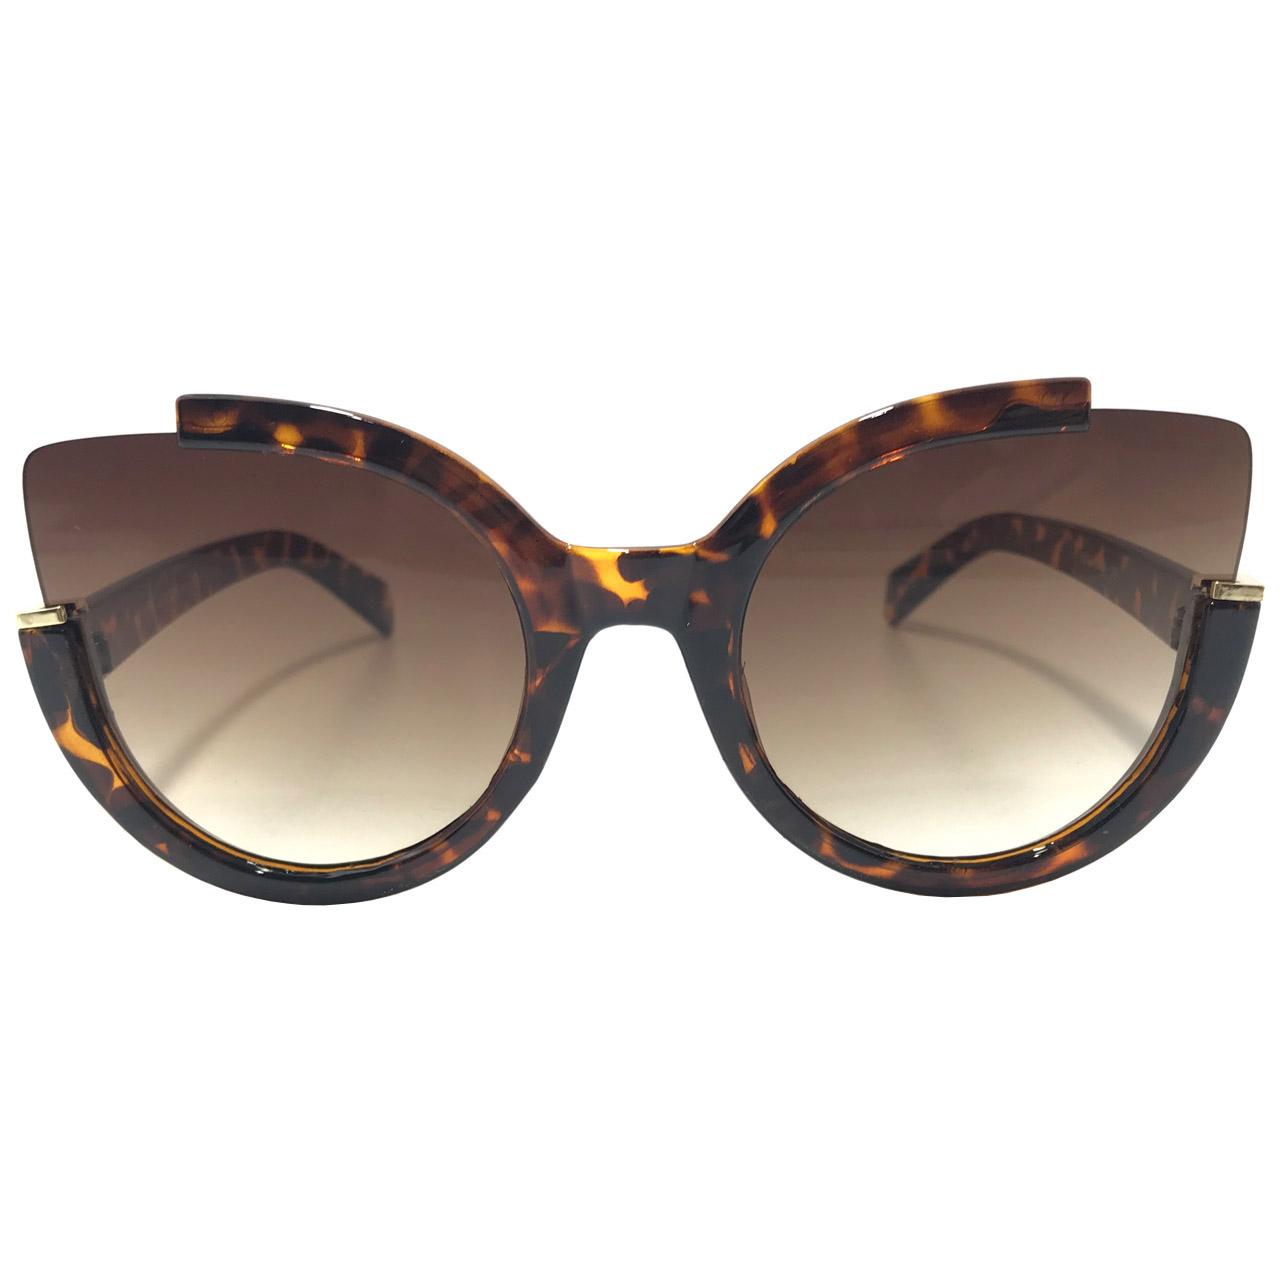 عکس عینک آفتابی زنانه مدل 1-8217 به همراه جا سوییچی چرم طبیعی طرح کفش هدیه